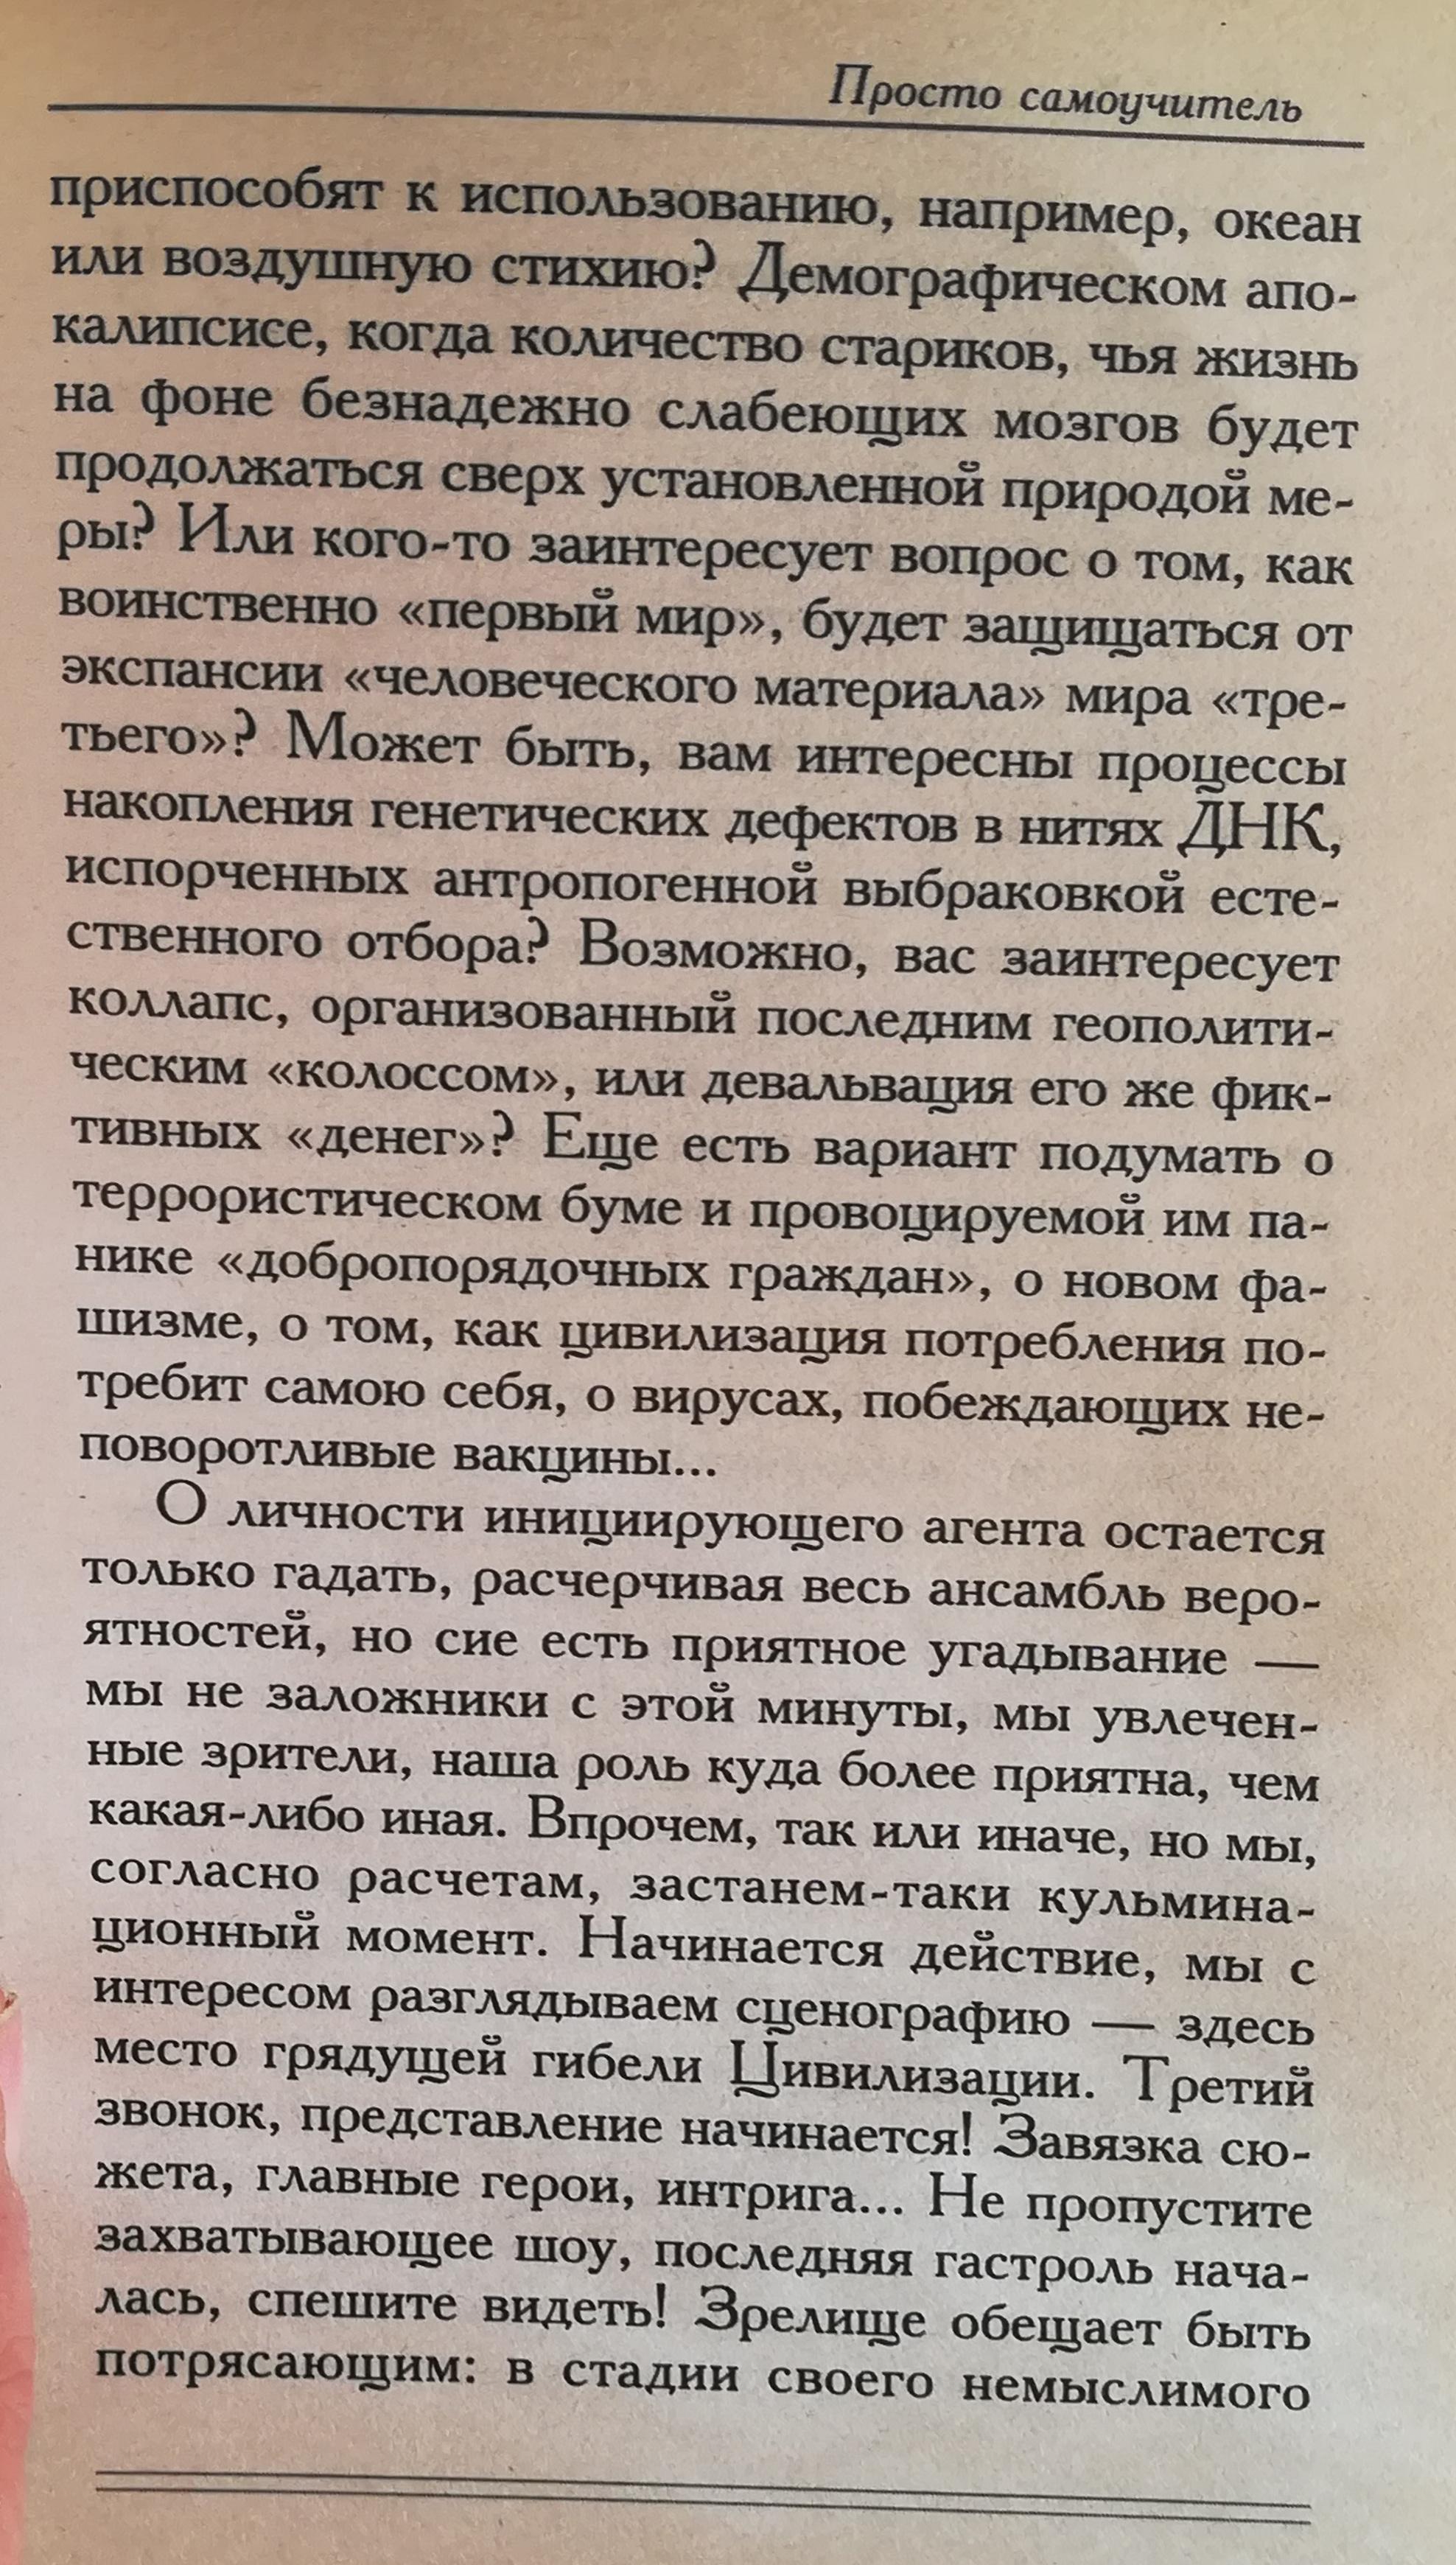 Andresi Kurpatovi eneseabi filosoofias  Kurpatov_149